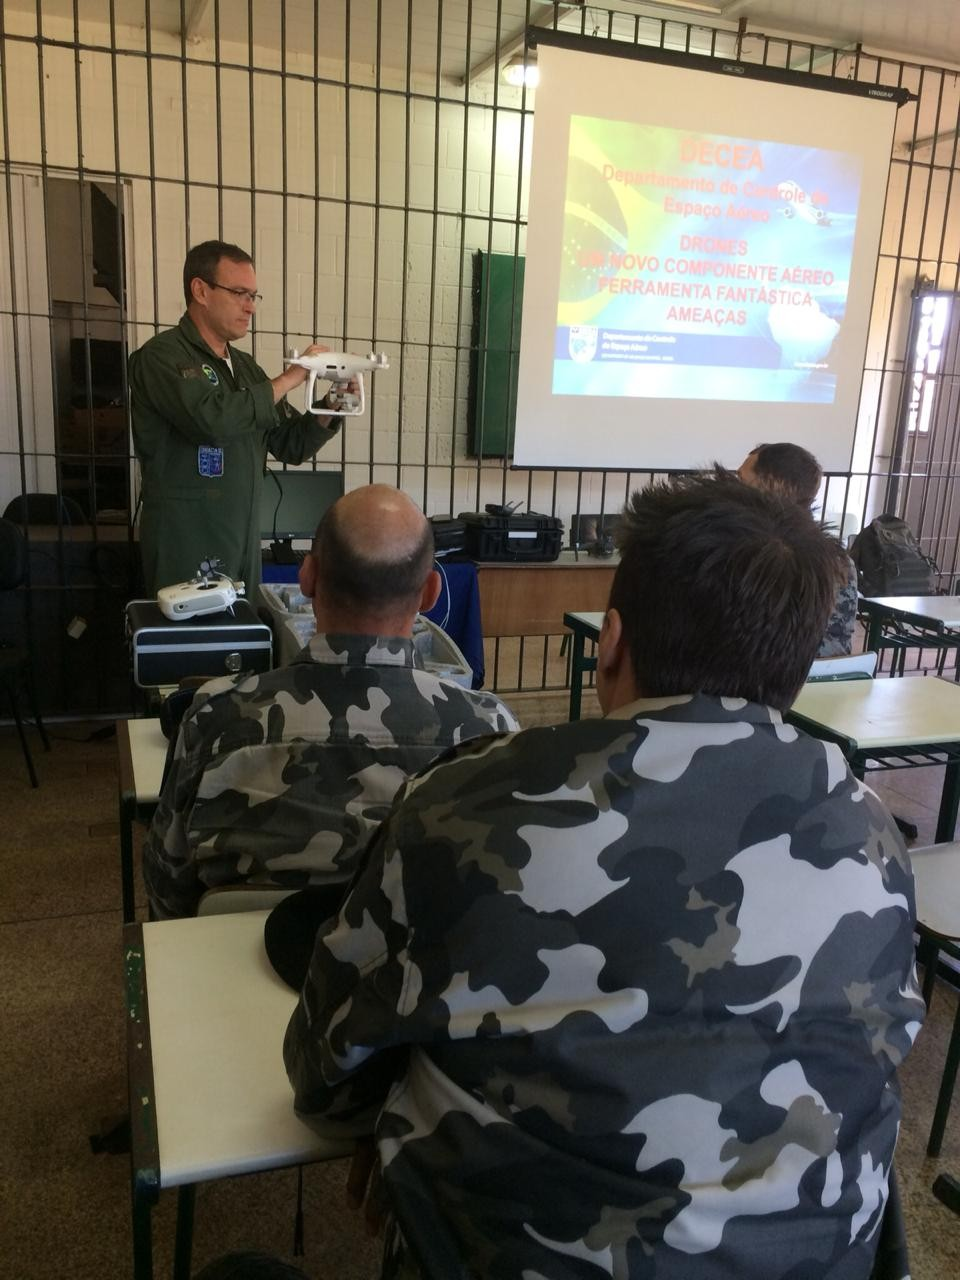 Penitenciárias de Foz serão monitoradas por drones